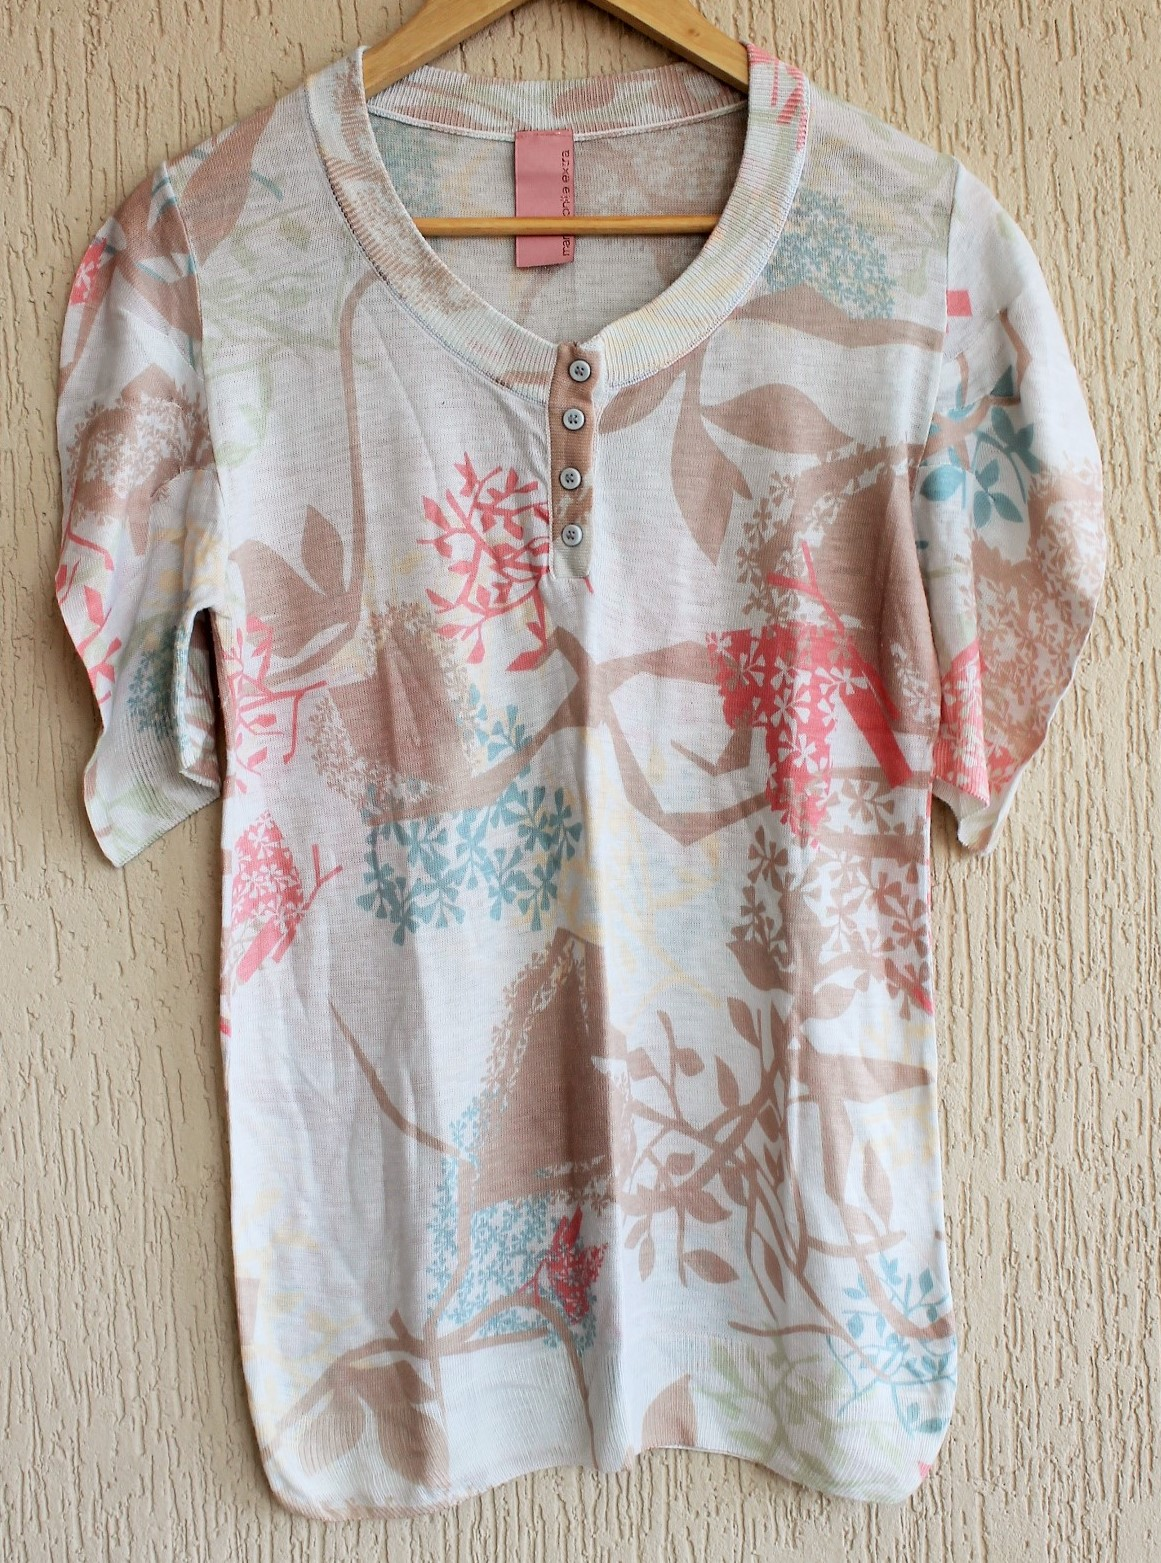 9293526d949 Desapegando geral!!! Mais muitas coisas na minha lojinha do Enjoei.com -  TUDO VENDIDO!!!